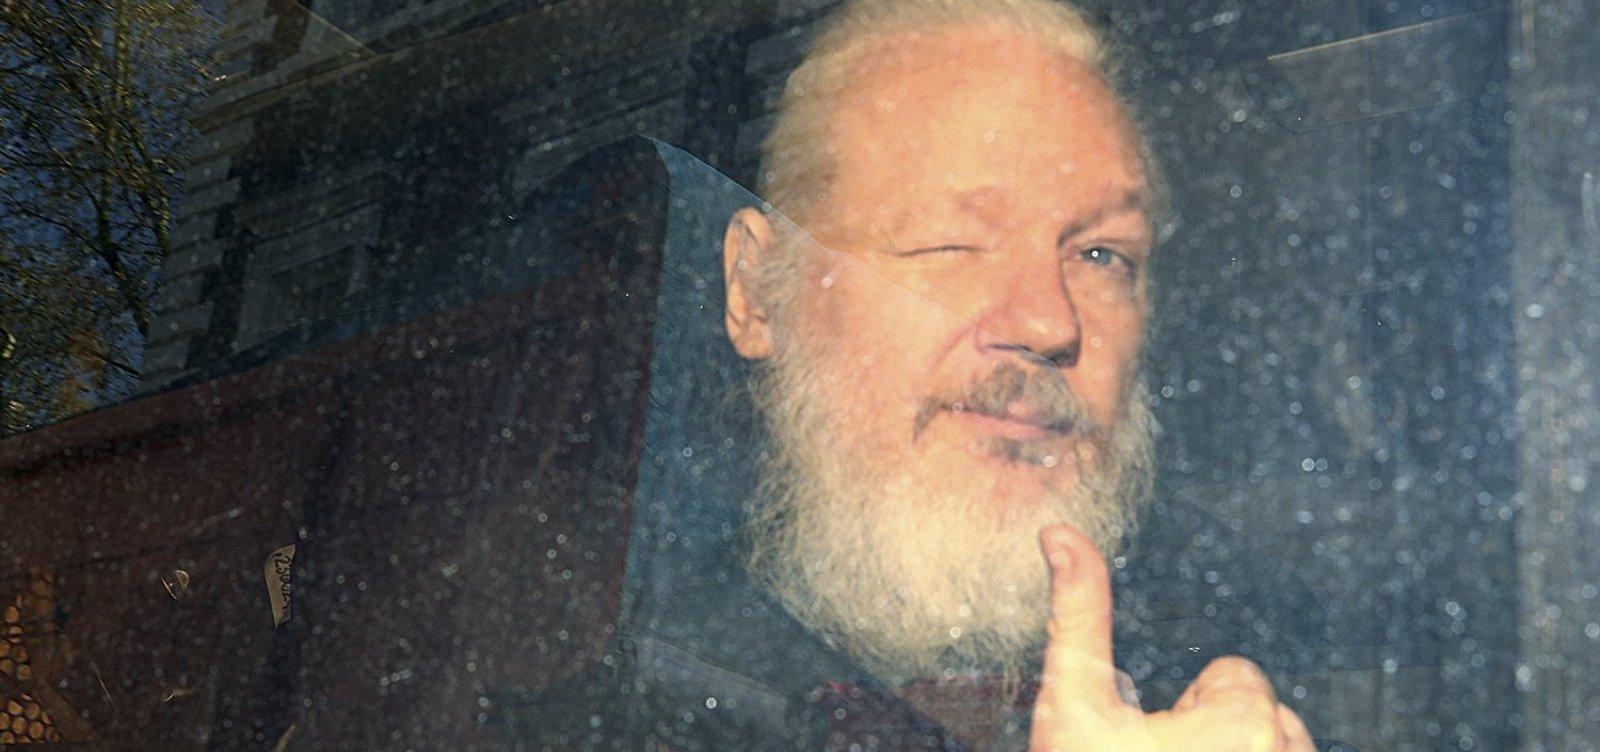 Justiça sueca reabre investigação contra Assange sobre acusação de estupro